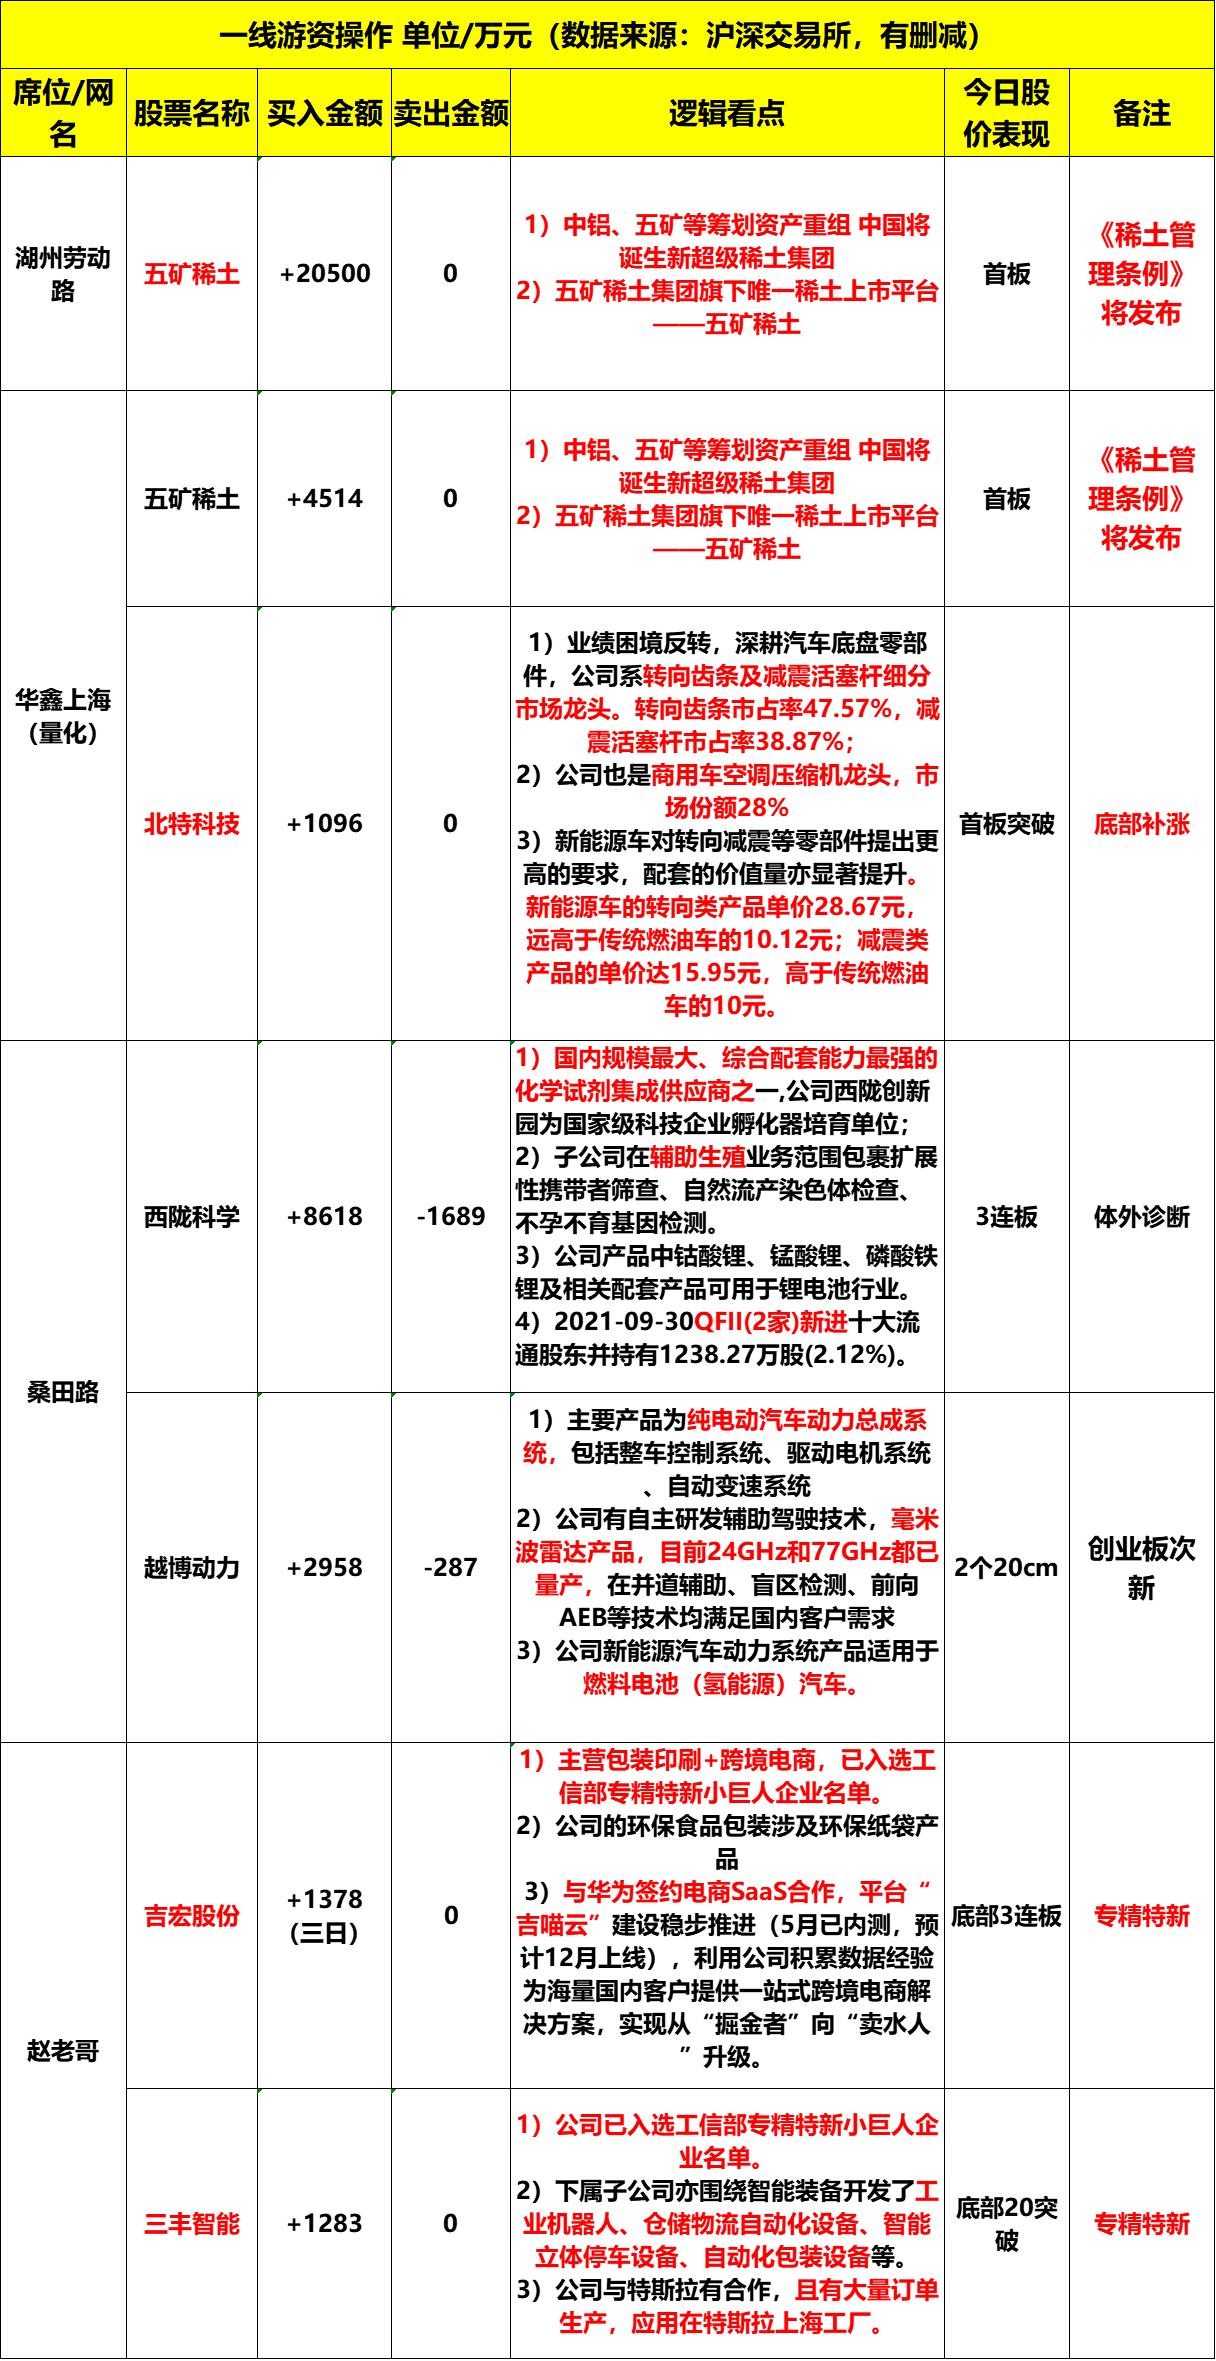 北京:二级以上医疗机构非急诊全面预约实行常态化机制